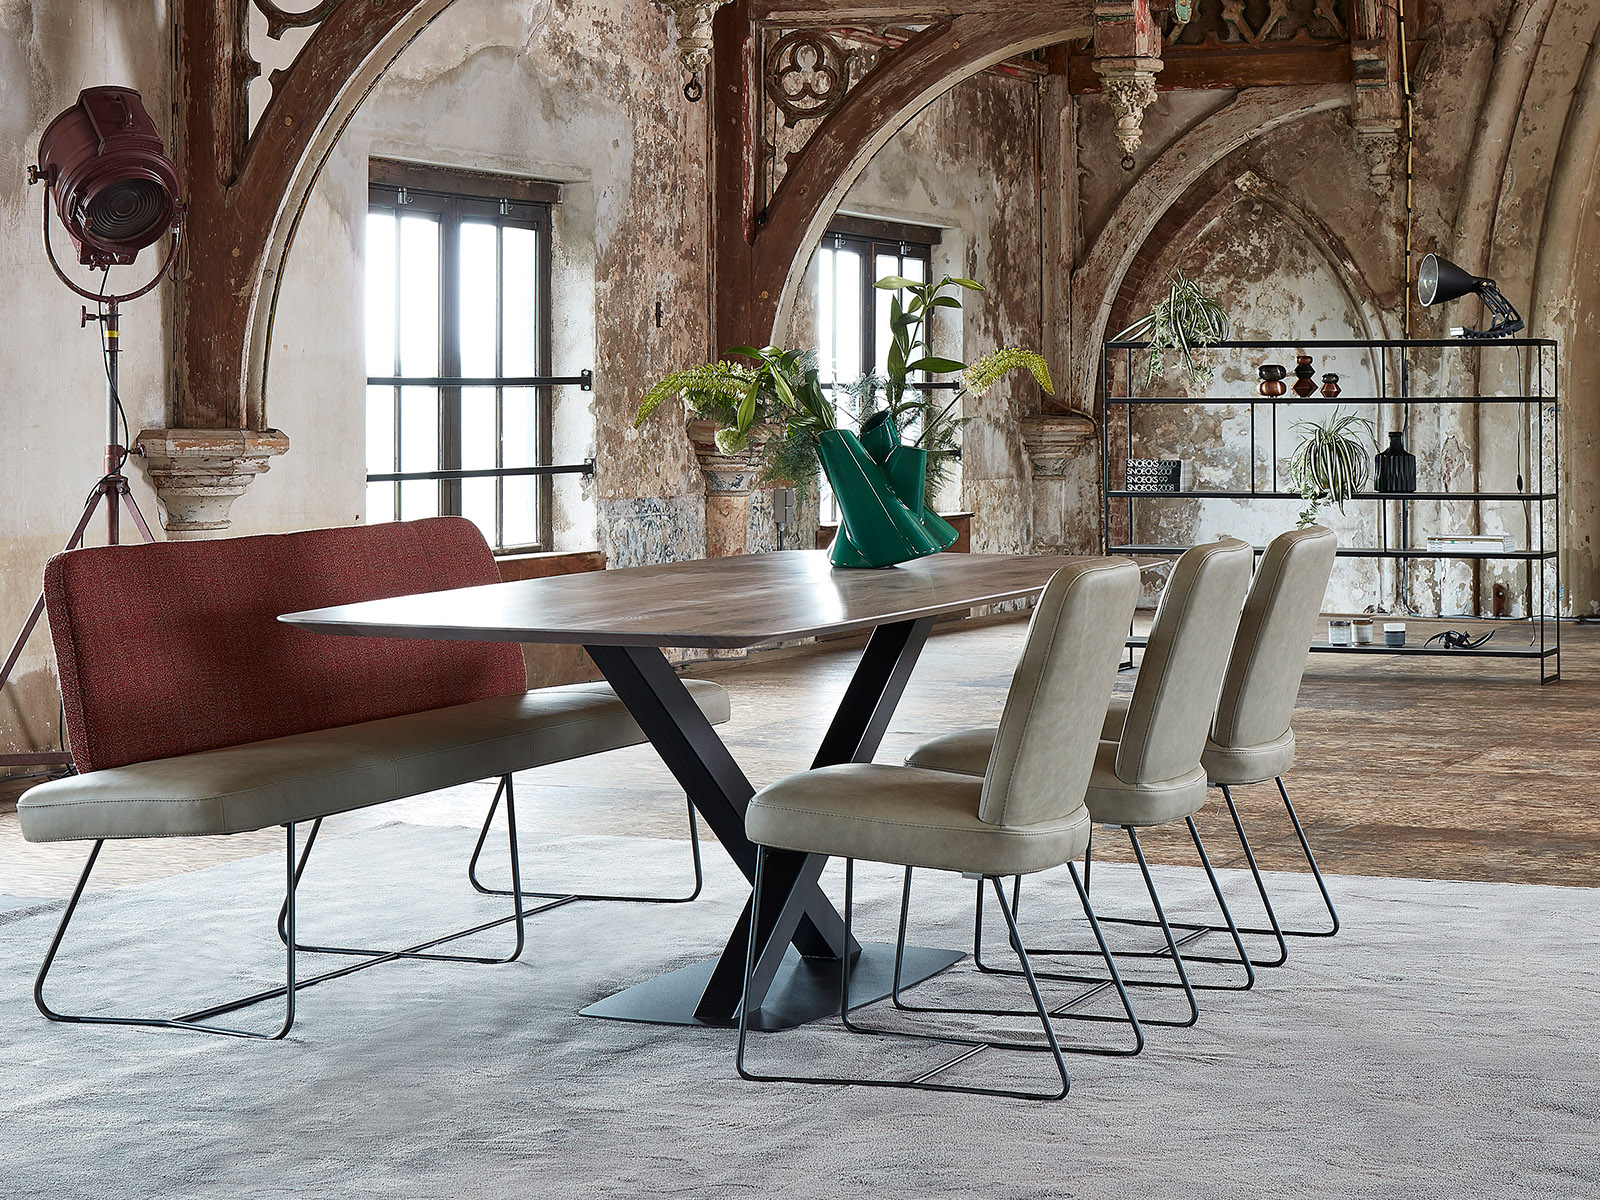 Oxxi-Skyler-Bert Plantagie Oxxi tafel eetkamerbank-Skyler